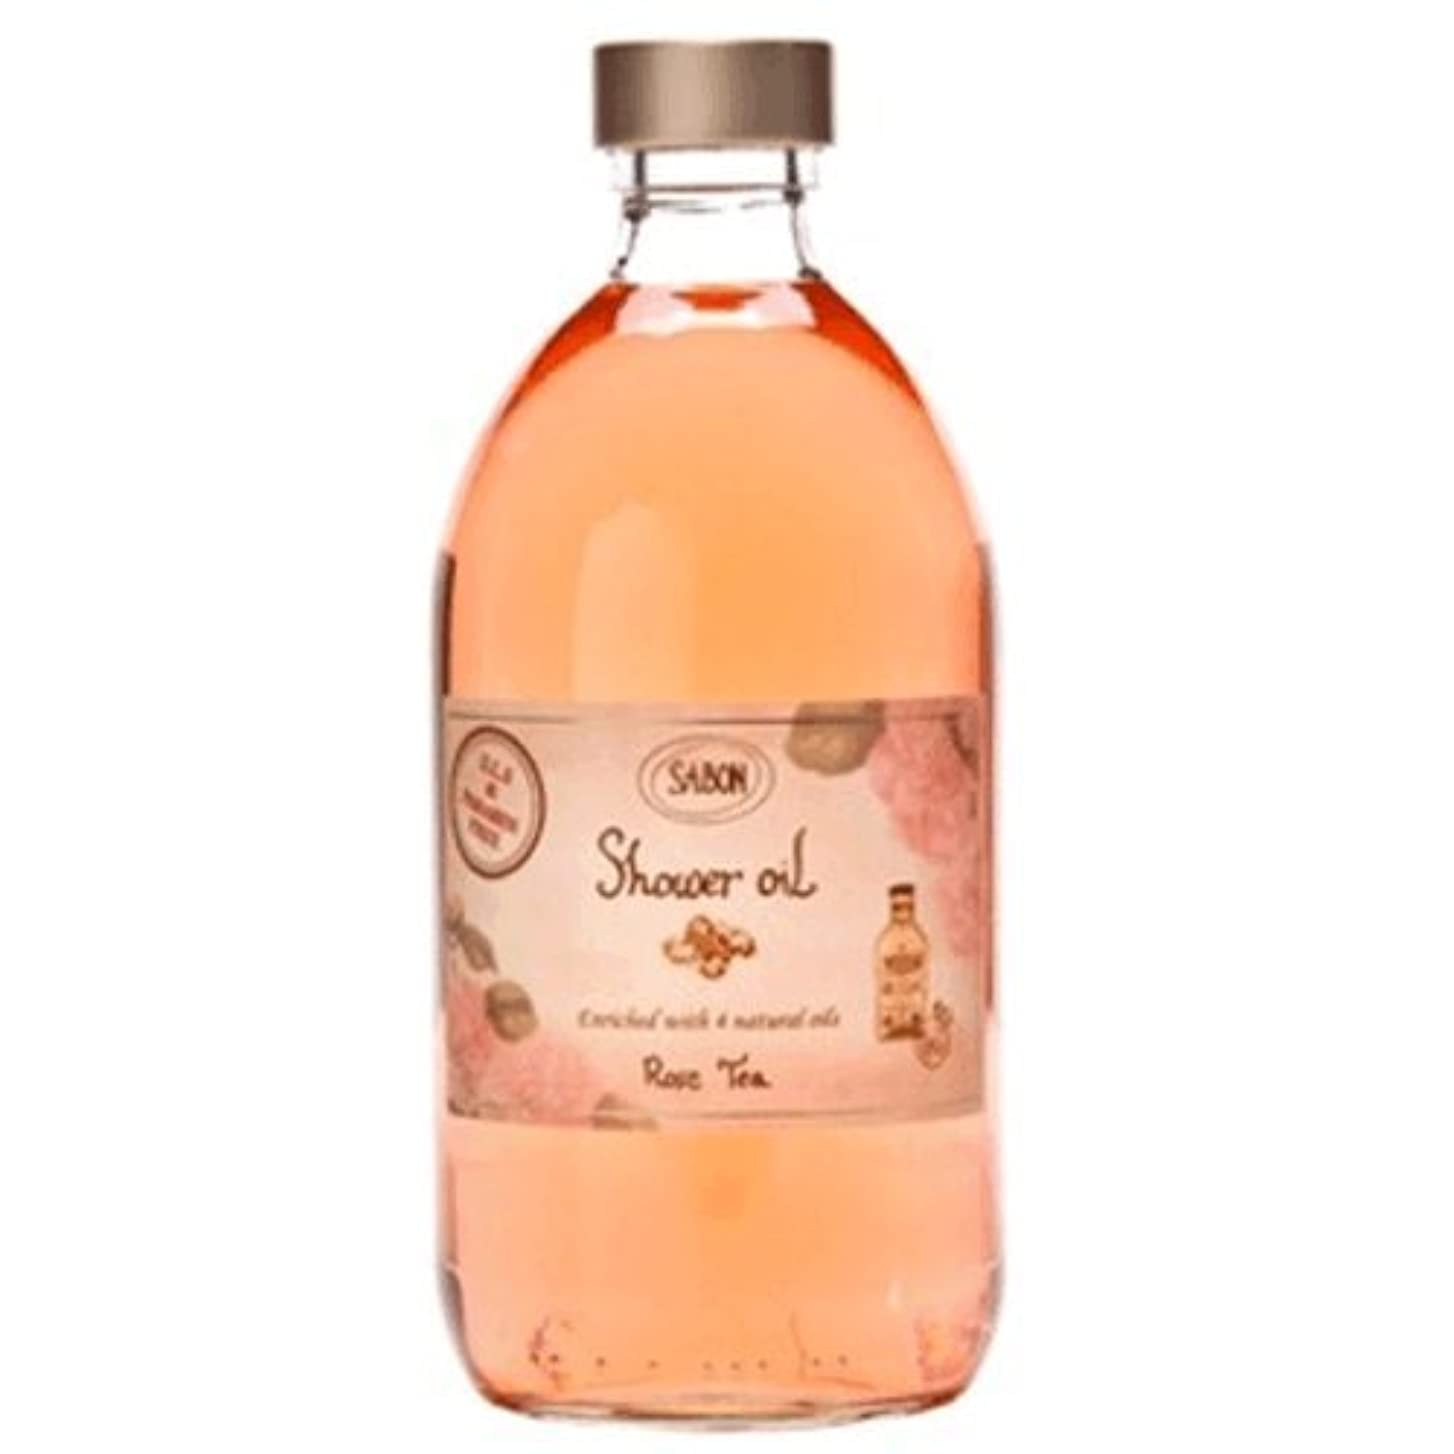 裏切る同意品種【サボン】シャワーオイル ローズティー(Rose Tea) ポンプ付き 500ml